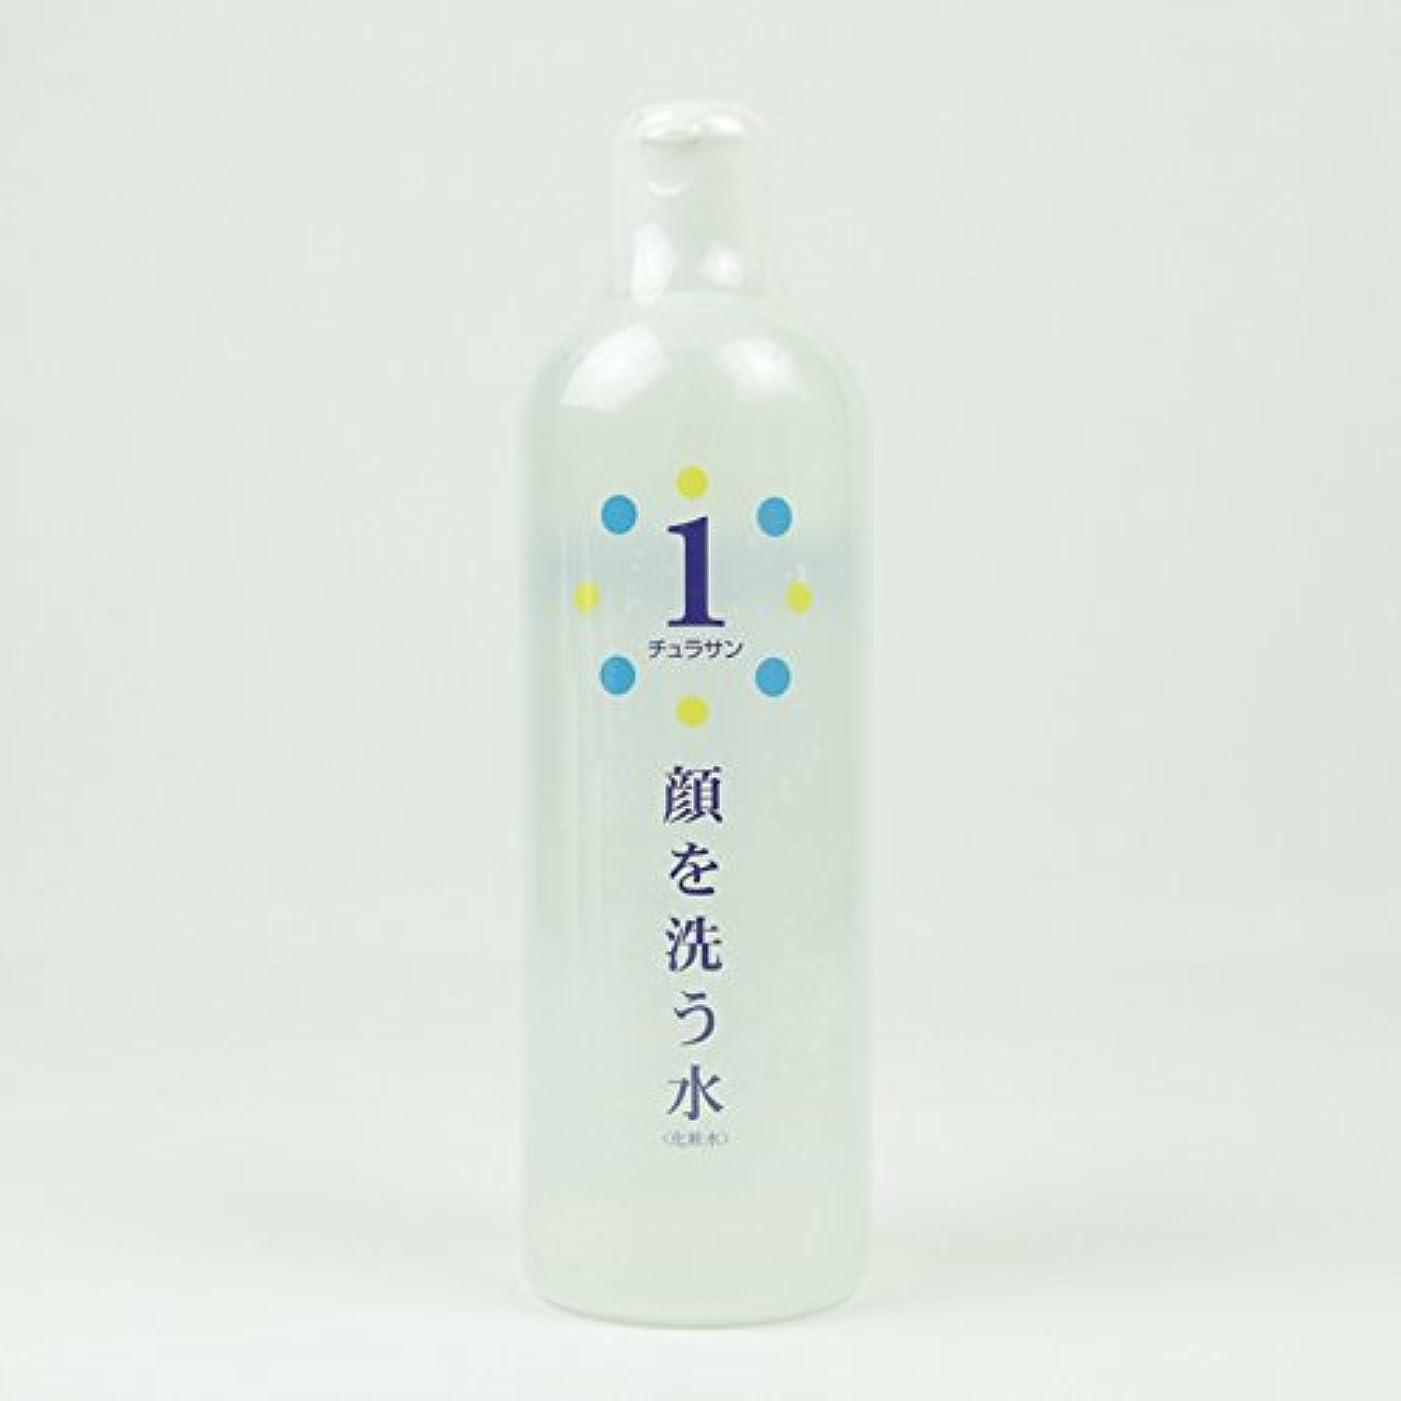 ミリメートル余剰つかむチュラサン1 【顔を洗う水】 500ml